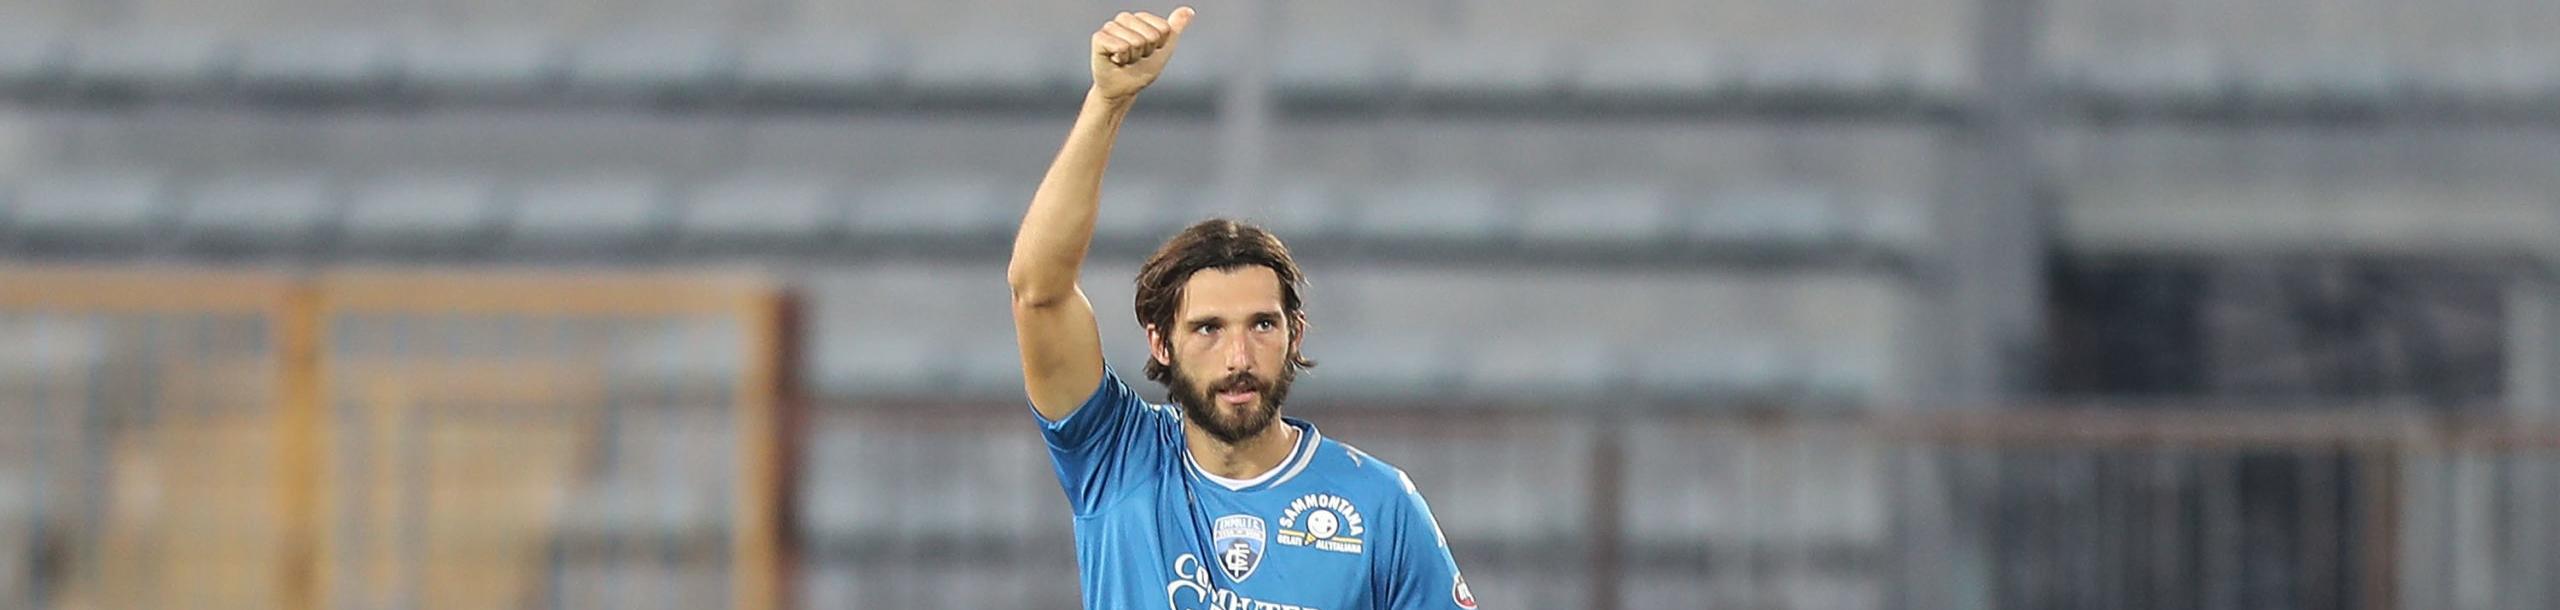 Pronostici Serie B, tre consigli per l'11ª giornata: occhio ai match di Empoli, Brescia e SPAL